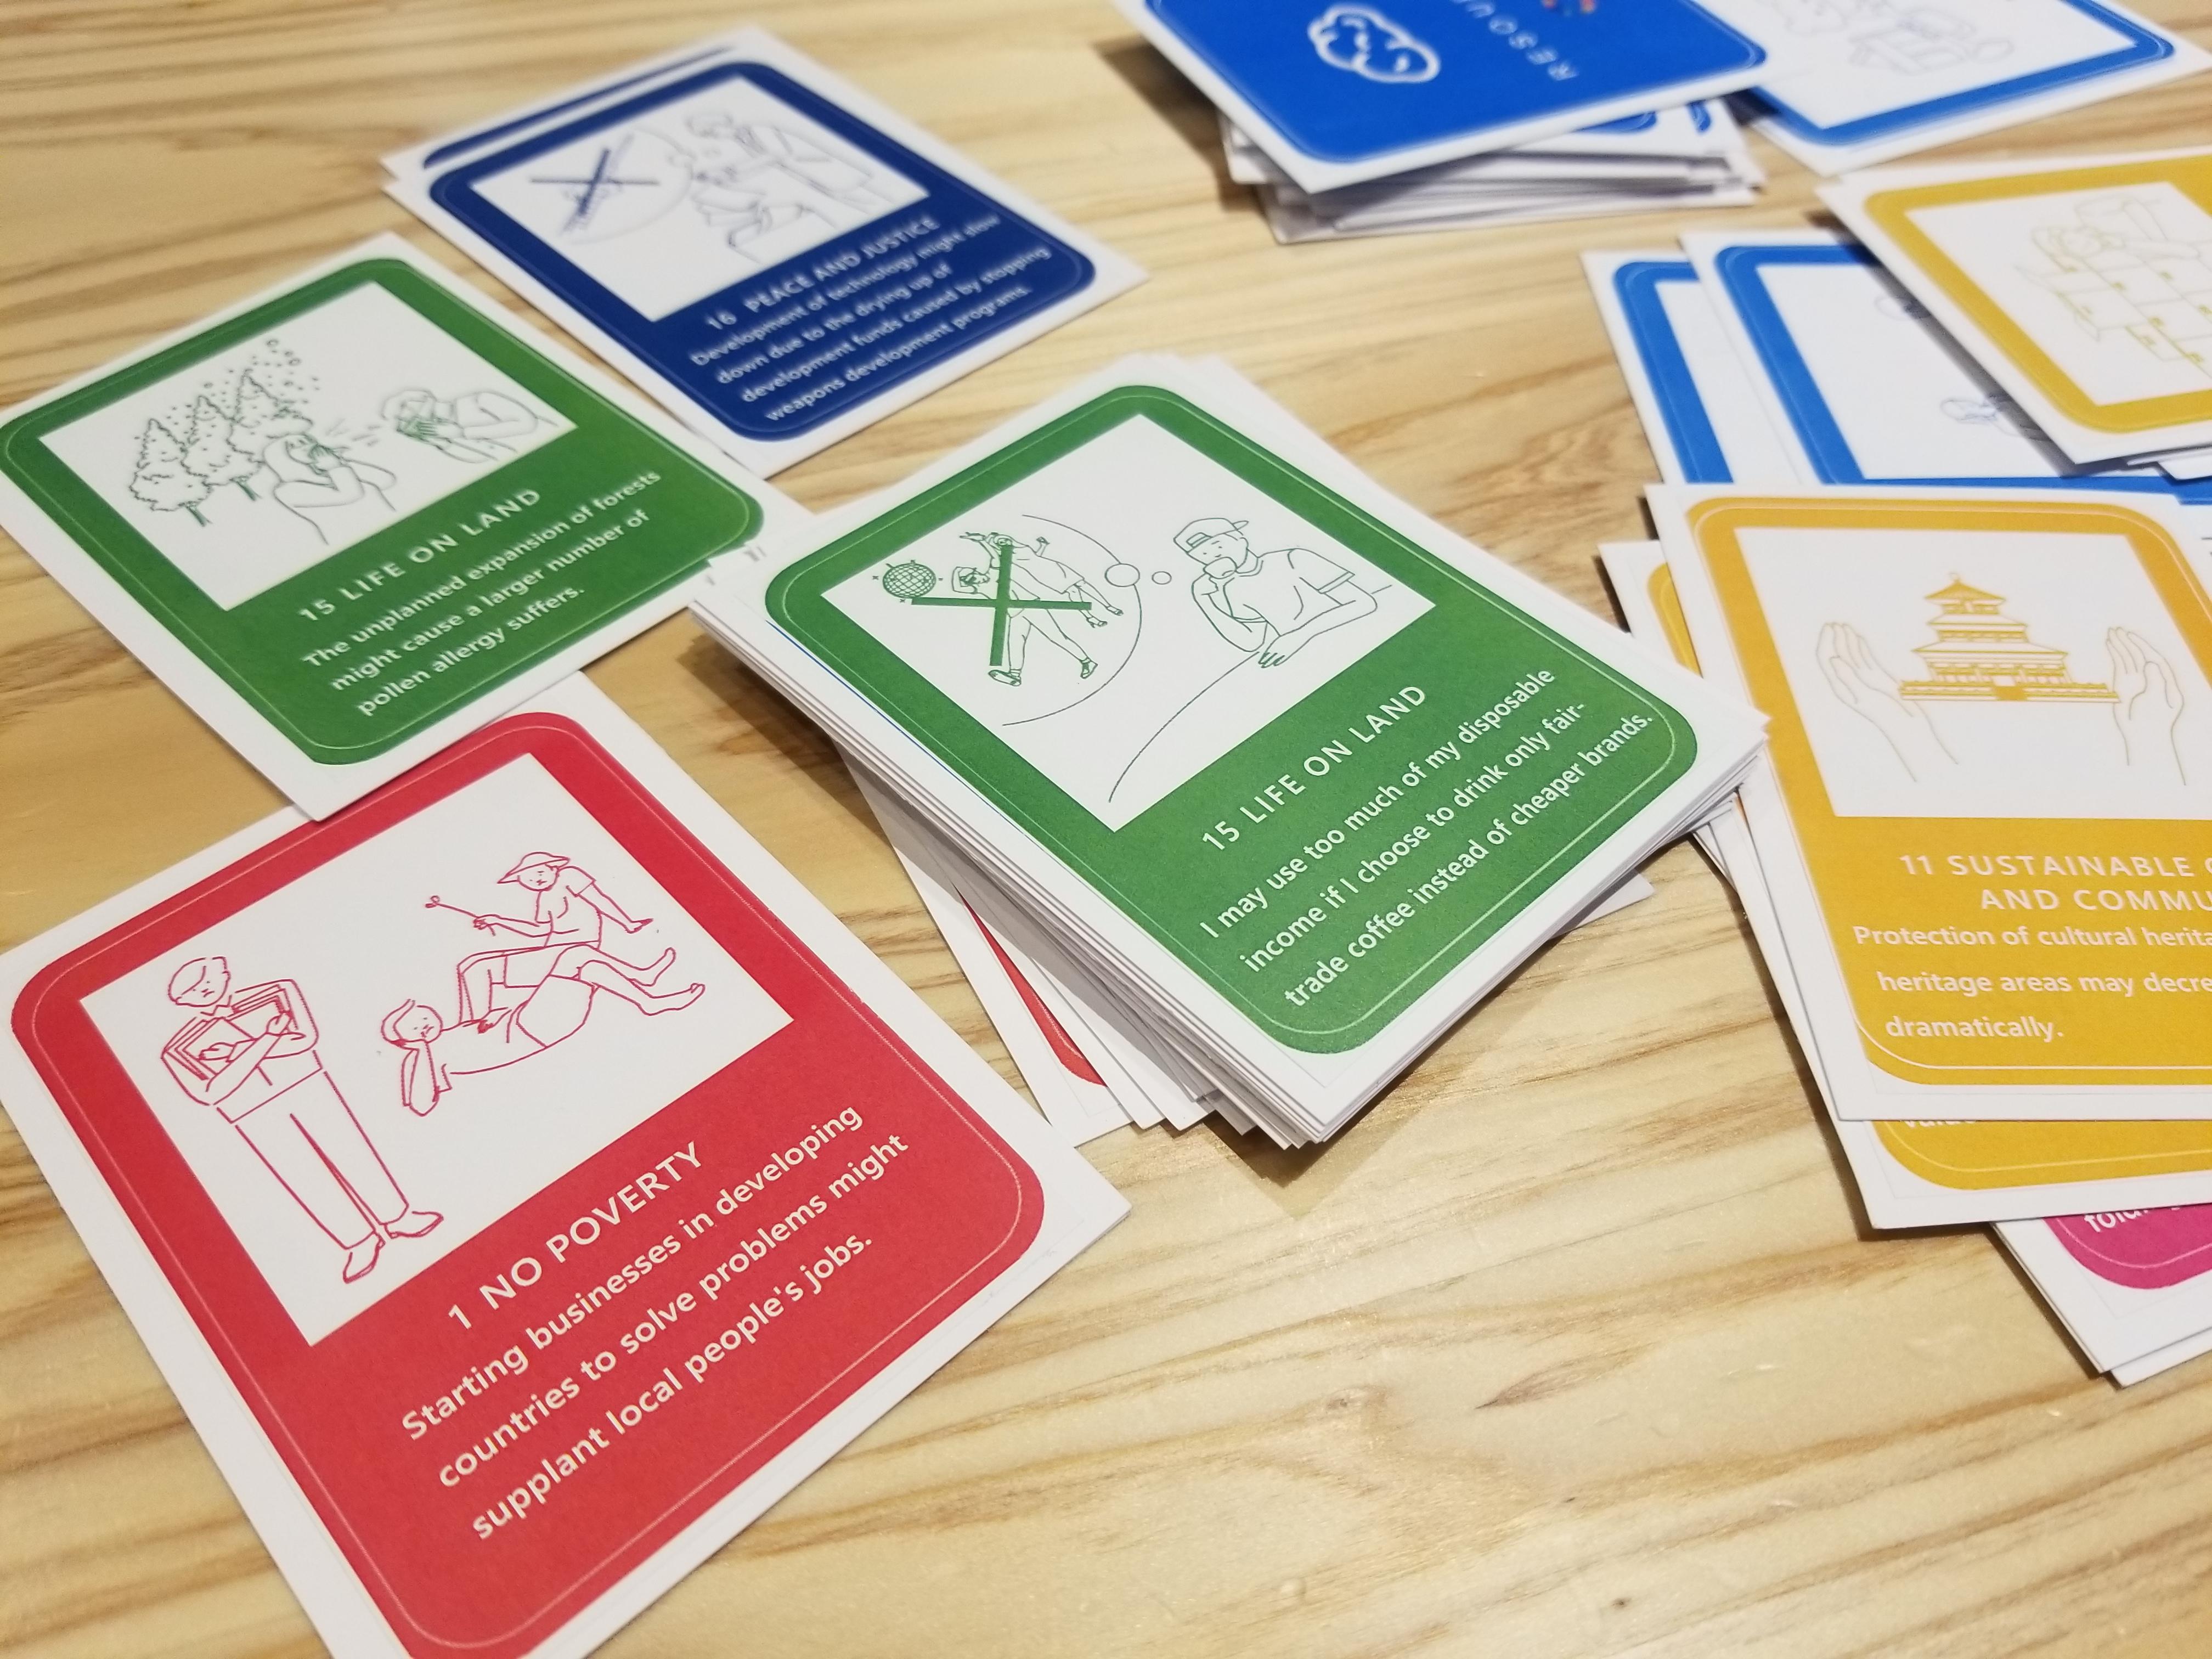 金沢工業大学がリバースプロジェクトと共同開発。カードゲーム『SDG Action cardgame「X(クロス)」』のローンチイベントを9月25日に開催。~世界初のSDGsに関するクラウド型カードゲームを無料配布~